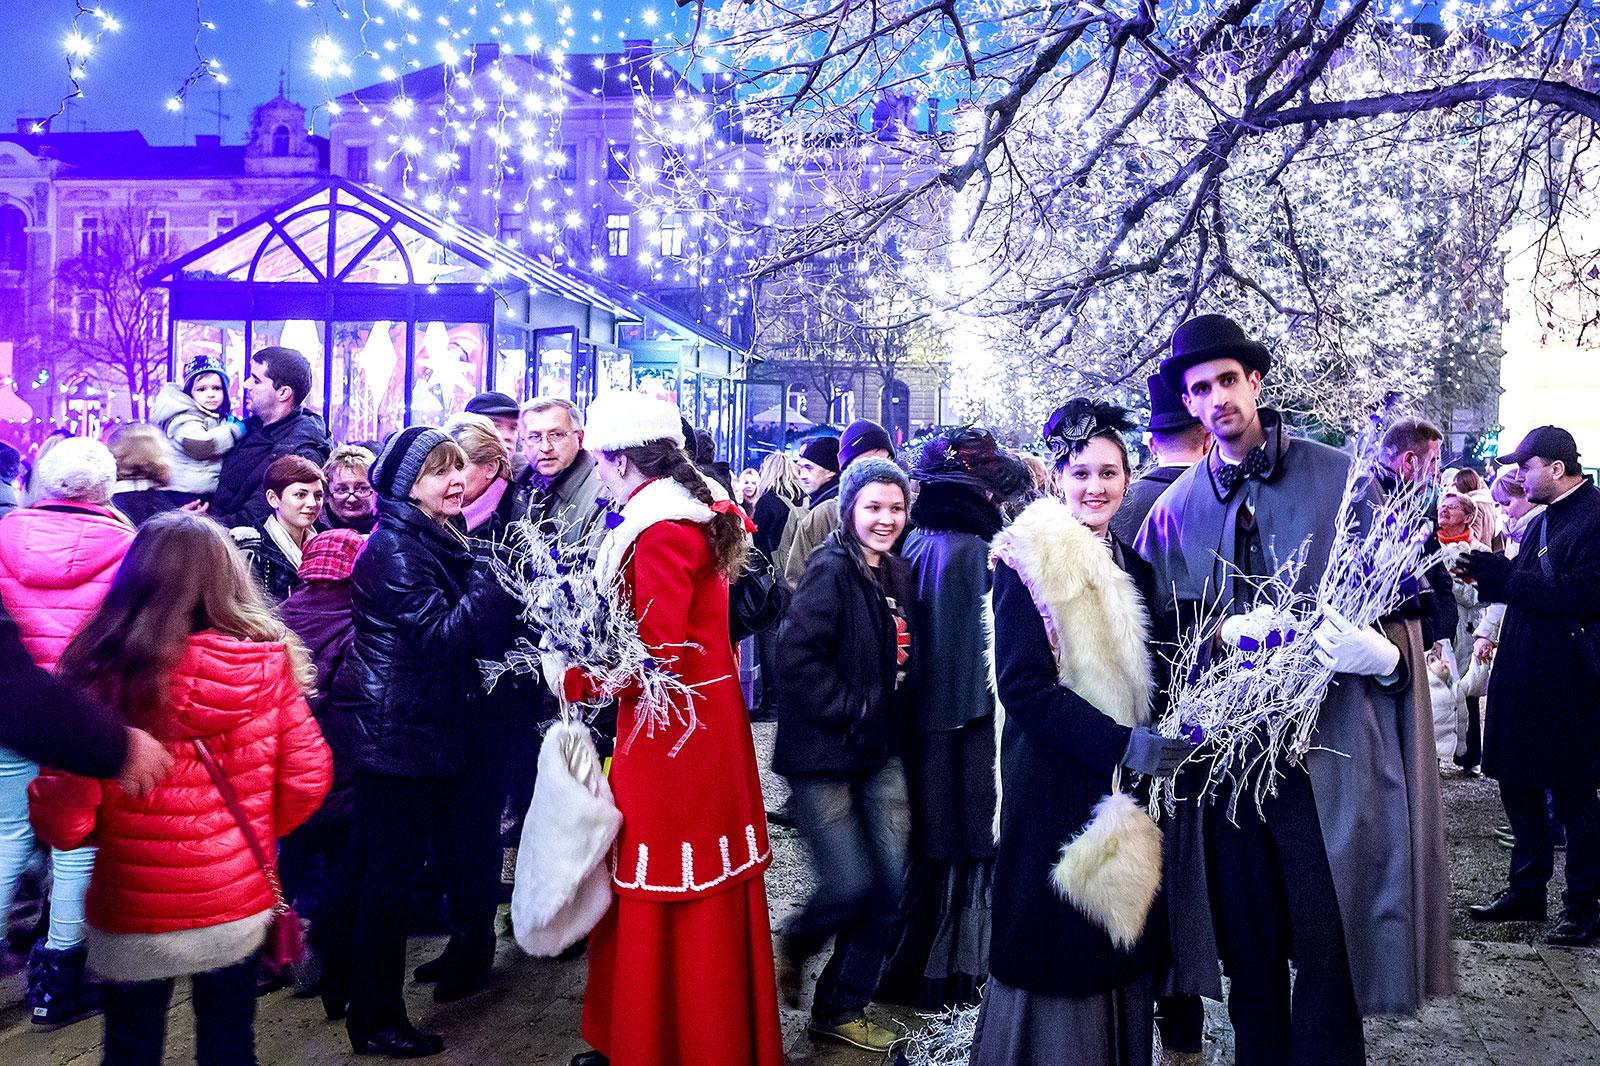 Međunarodni glazbeni festival adventskih i božićnih pjesama Musica Nota Turistička zajednica grada Zagreba Julien Duval